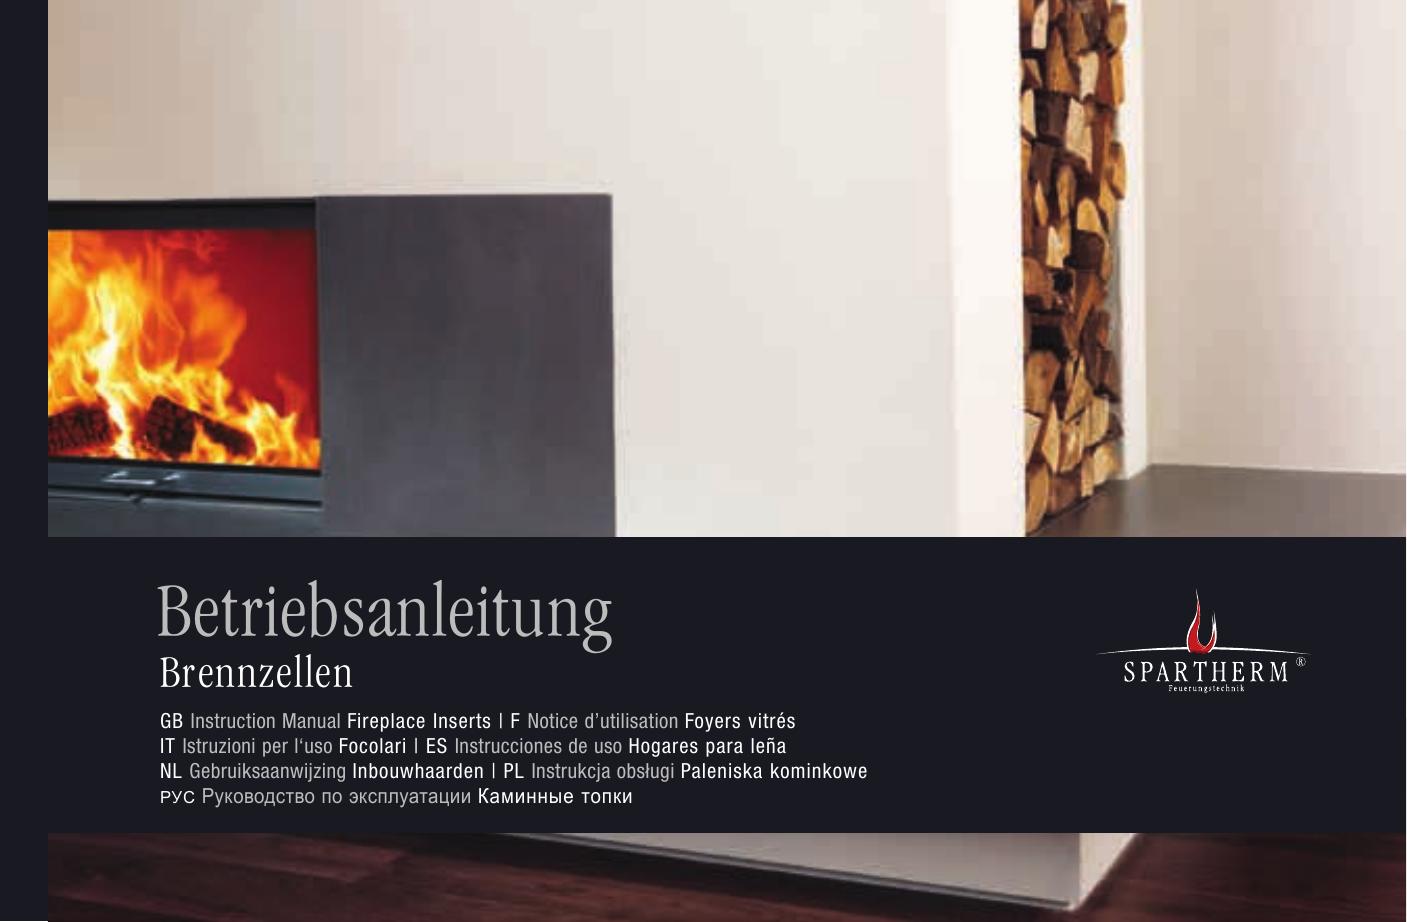 Betriebsanleitung faitsch products manualzz.com